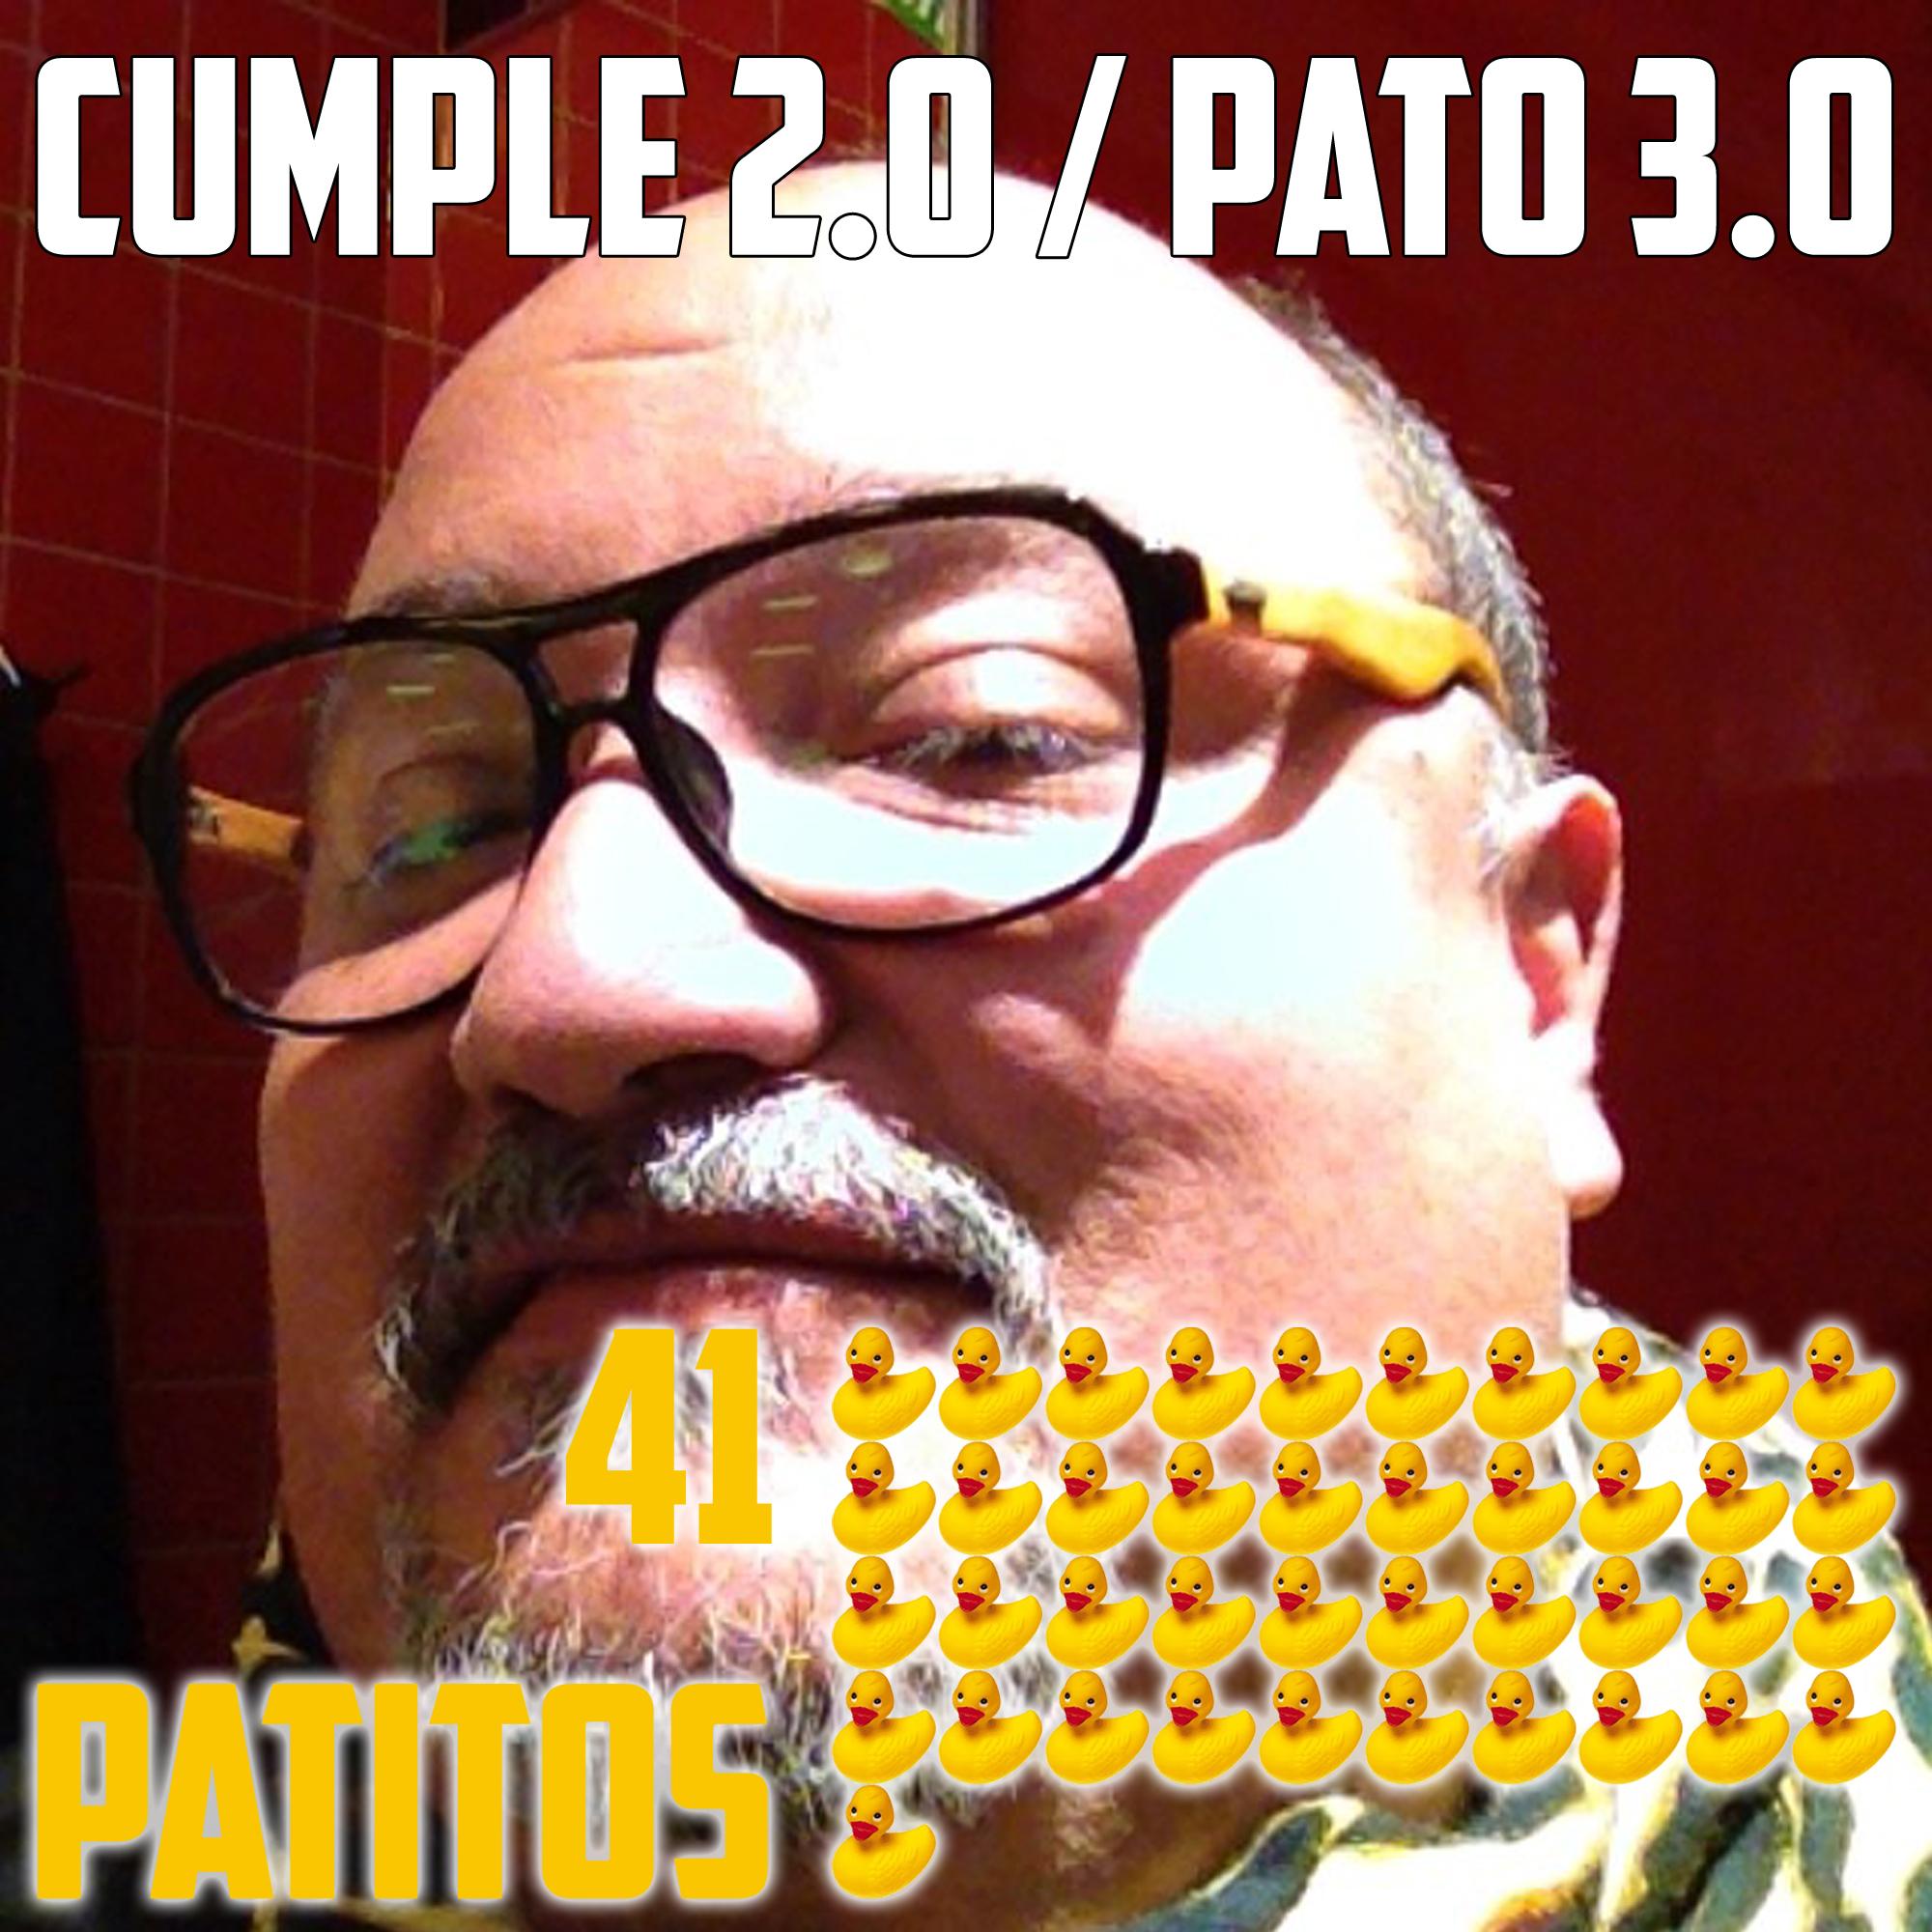 El cumpleaños 2.0 y el PATO 3.0 MUCHAS GRACIAS DE CO-RAZÓN!